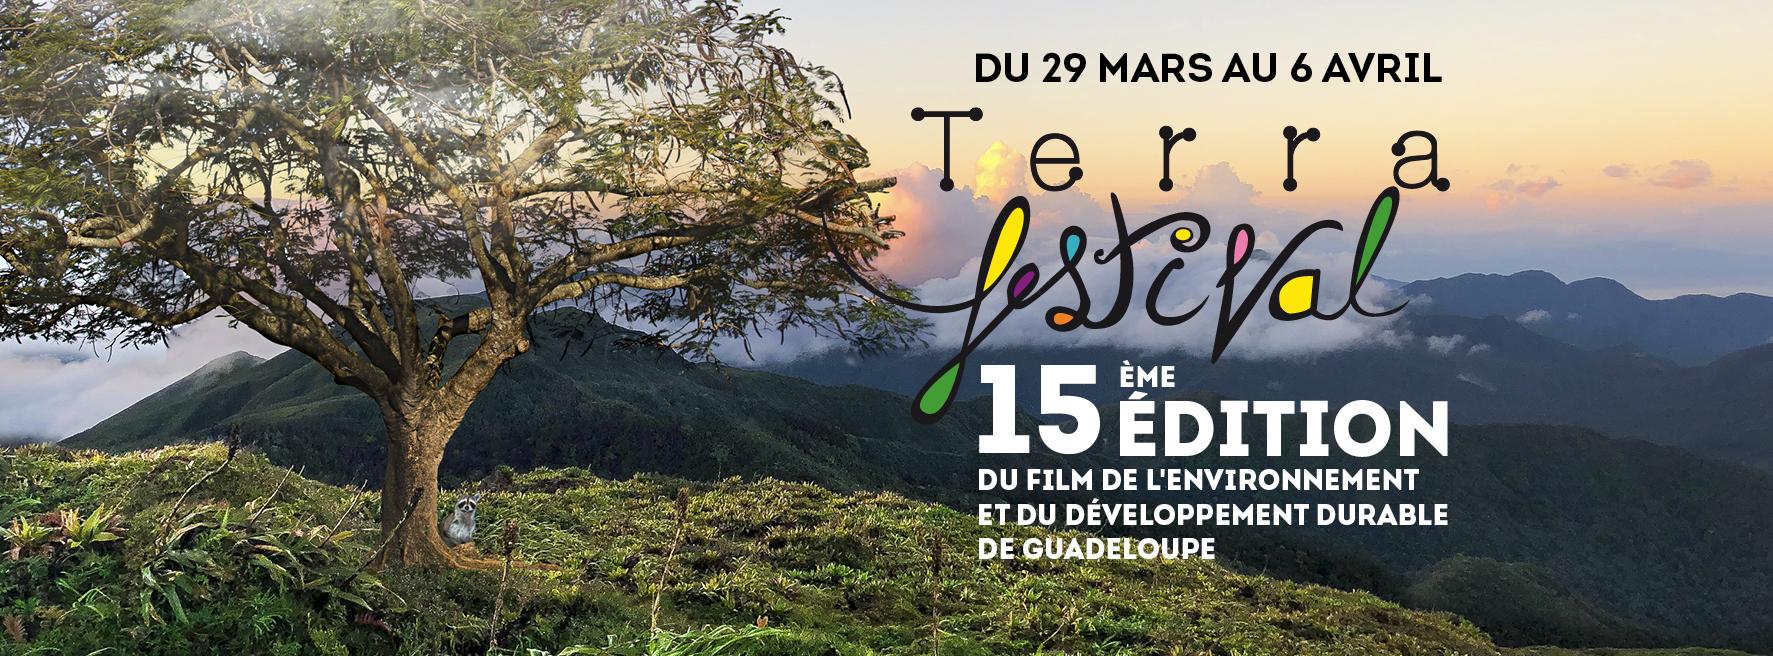 15° édition du TERRAFESTIVAL : du 29 mars au 6 avril 2019